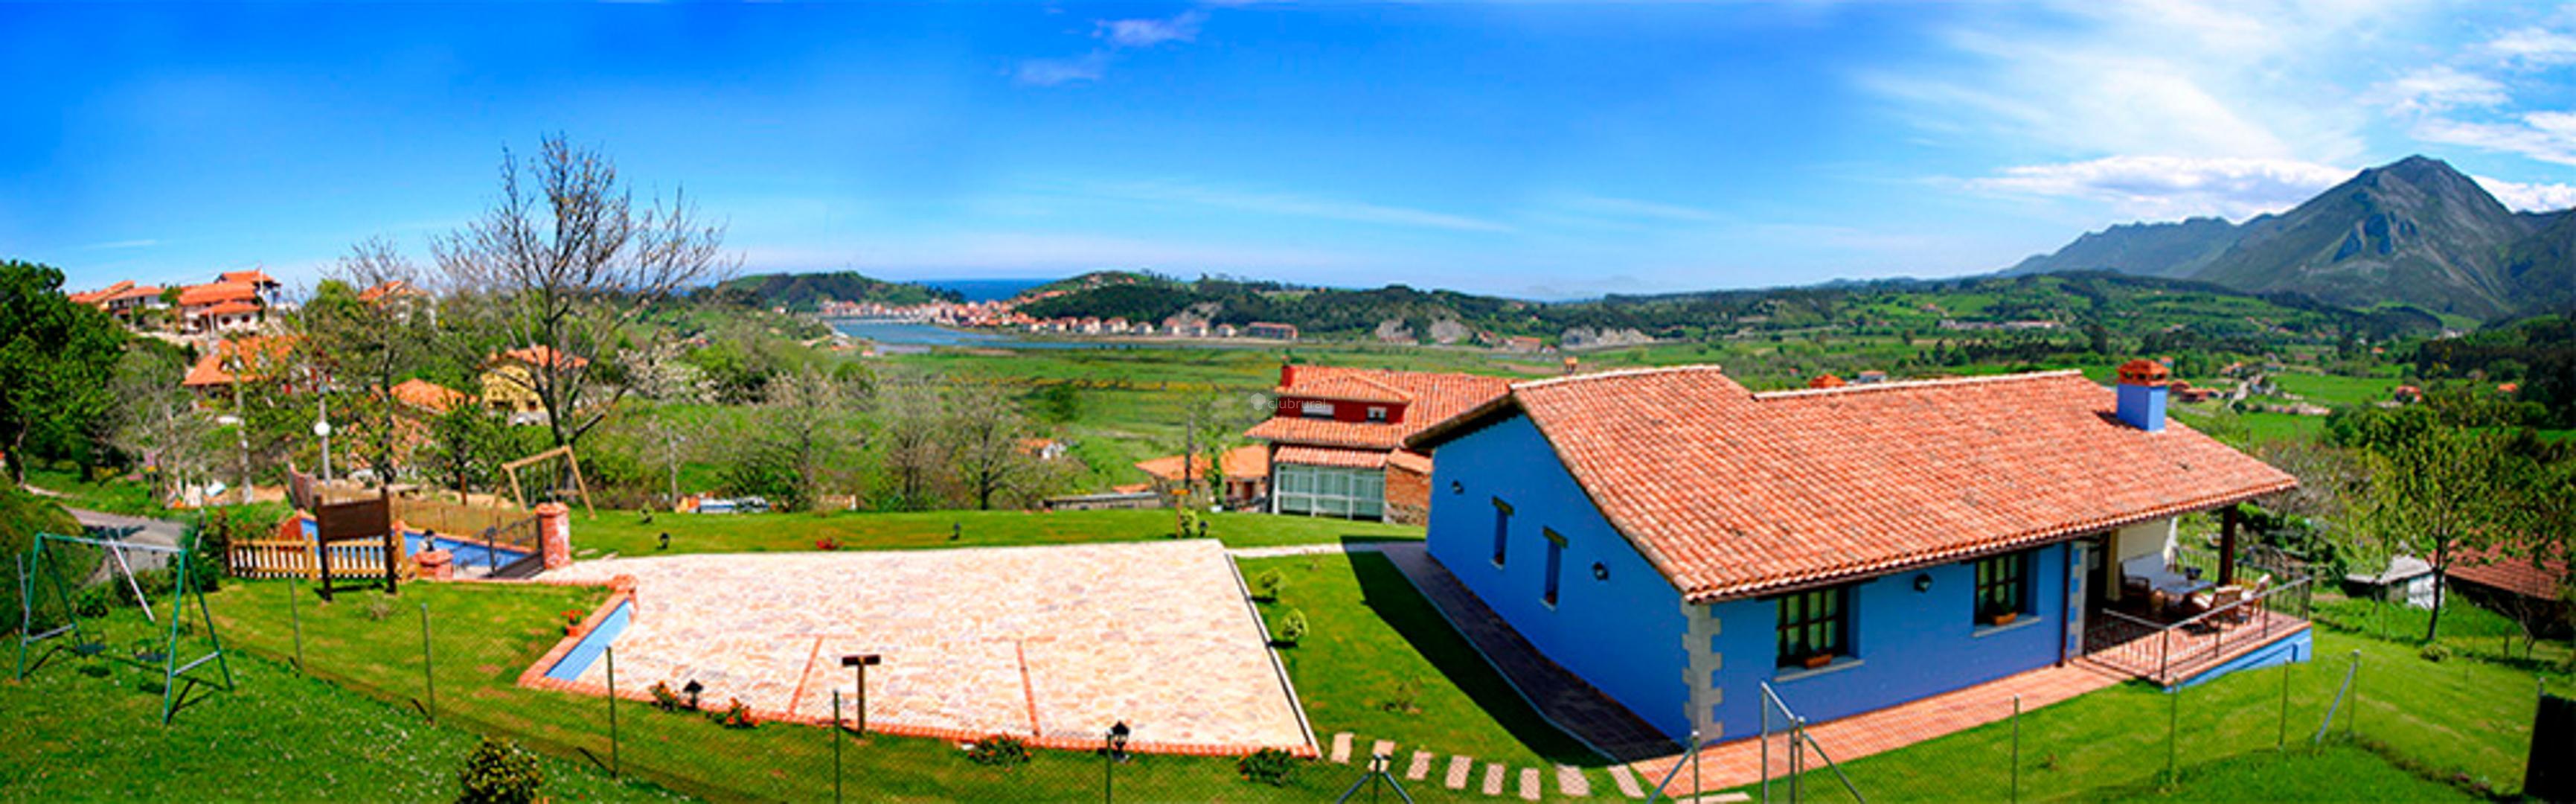 Fotos De La Llosa Del Barreu